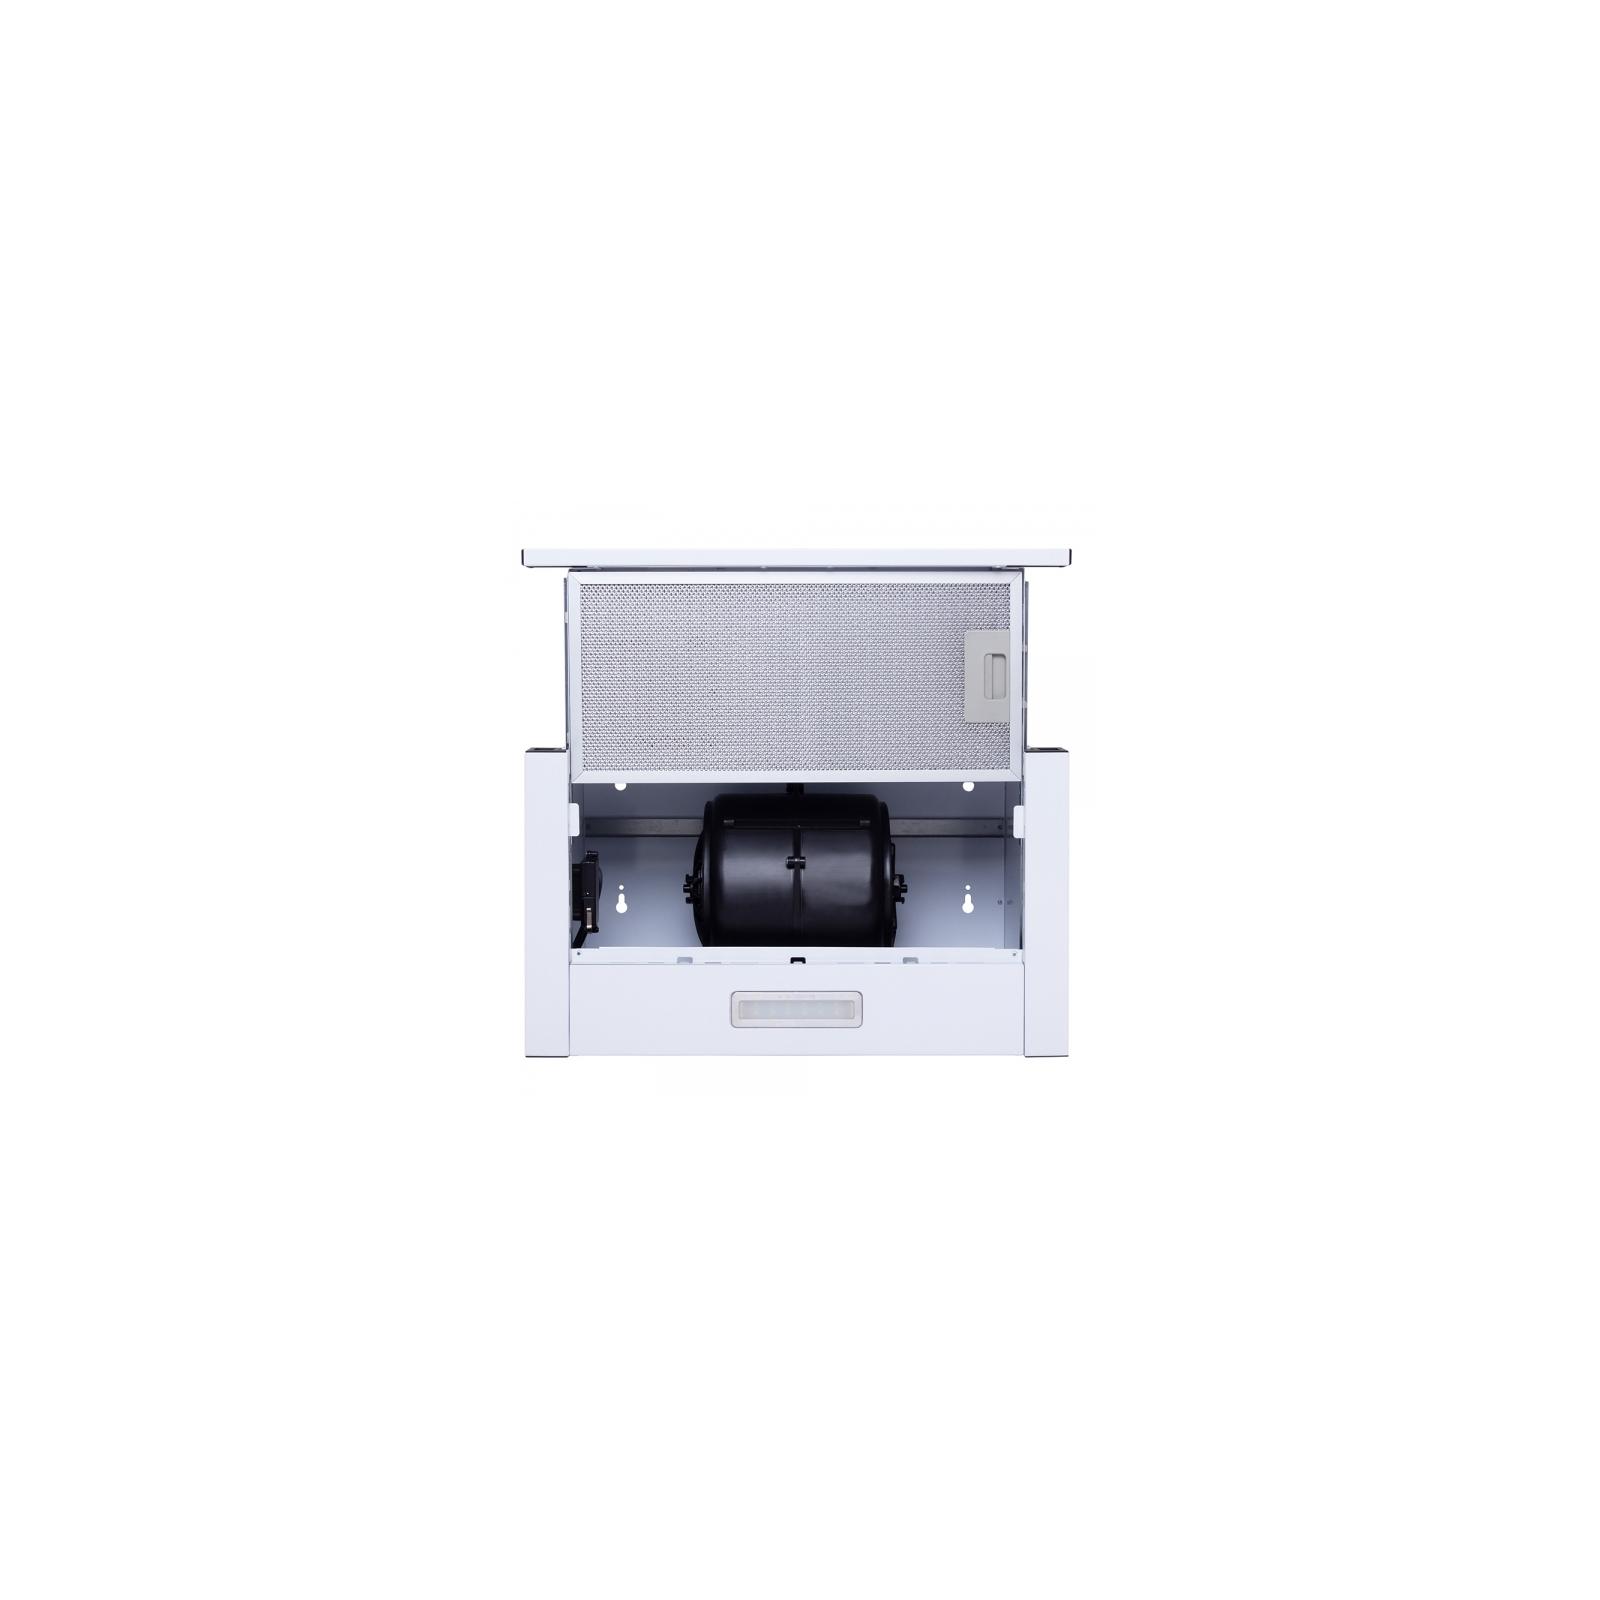 Вытяжка кухонная Minola HTL 5314 WH 750 LED изображение 5